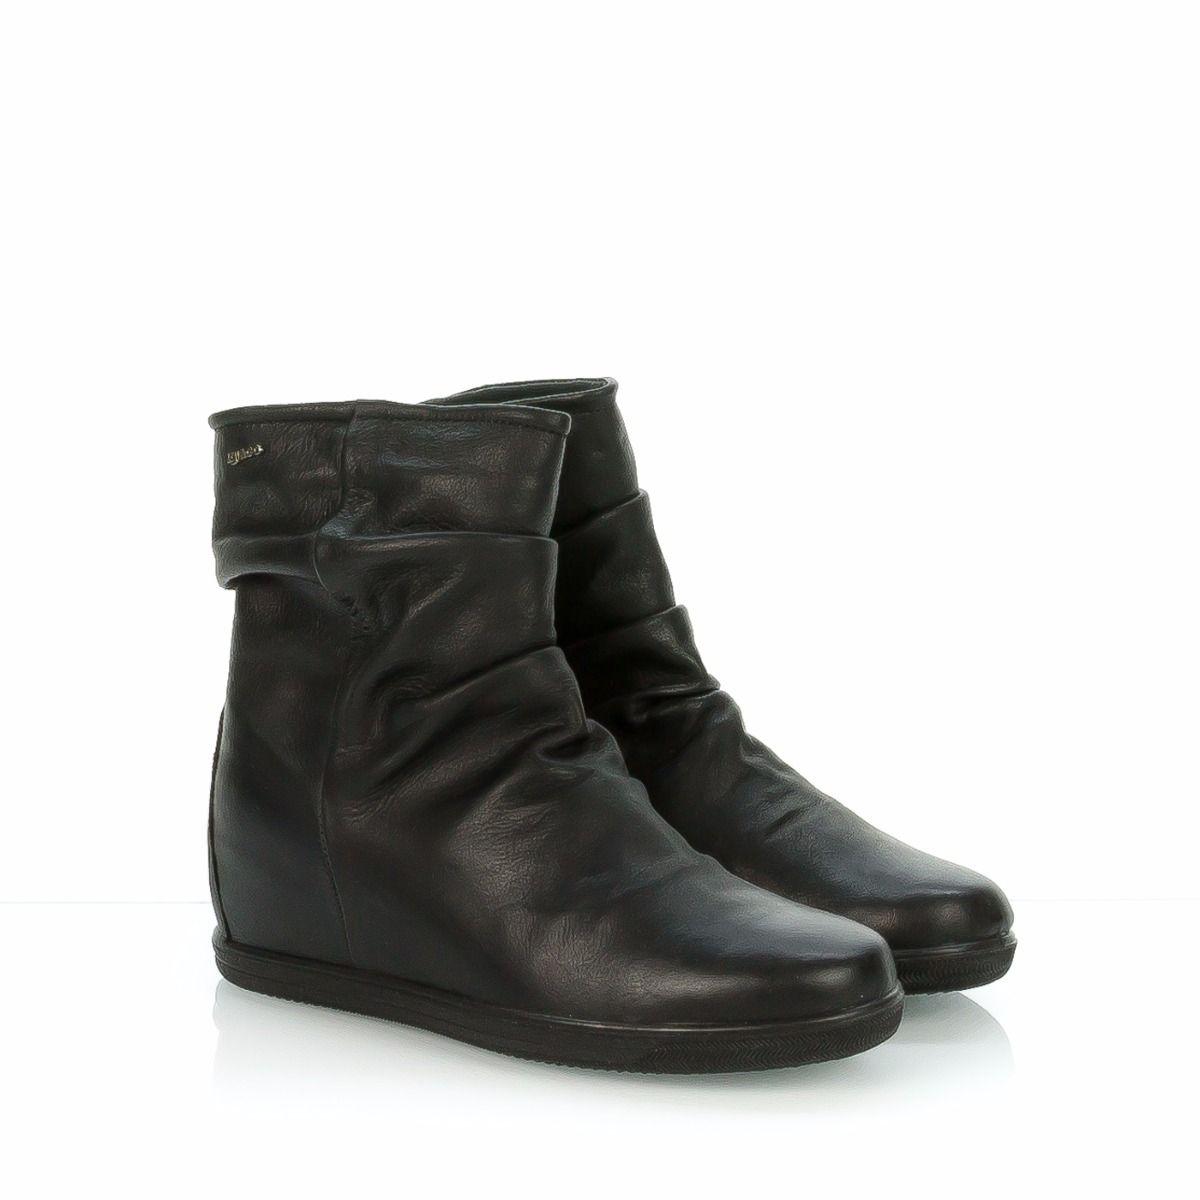 IGI&CO stivaletto donna zeppa 8785|pelle nero|arricciato